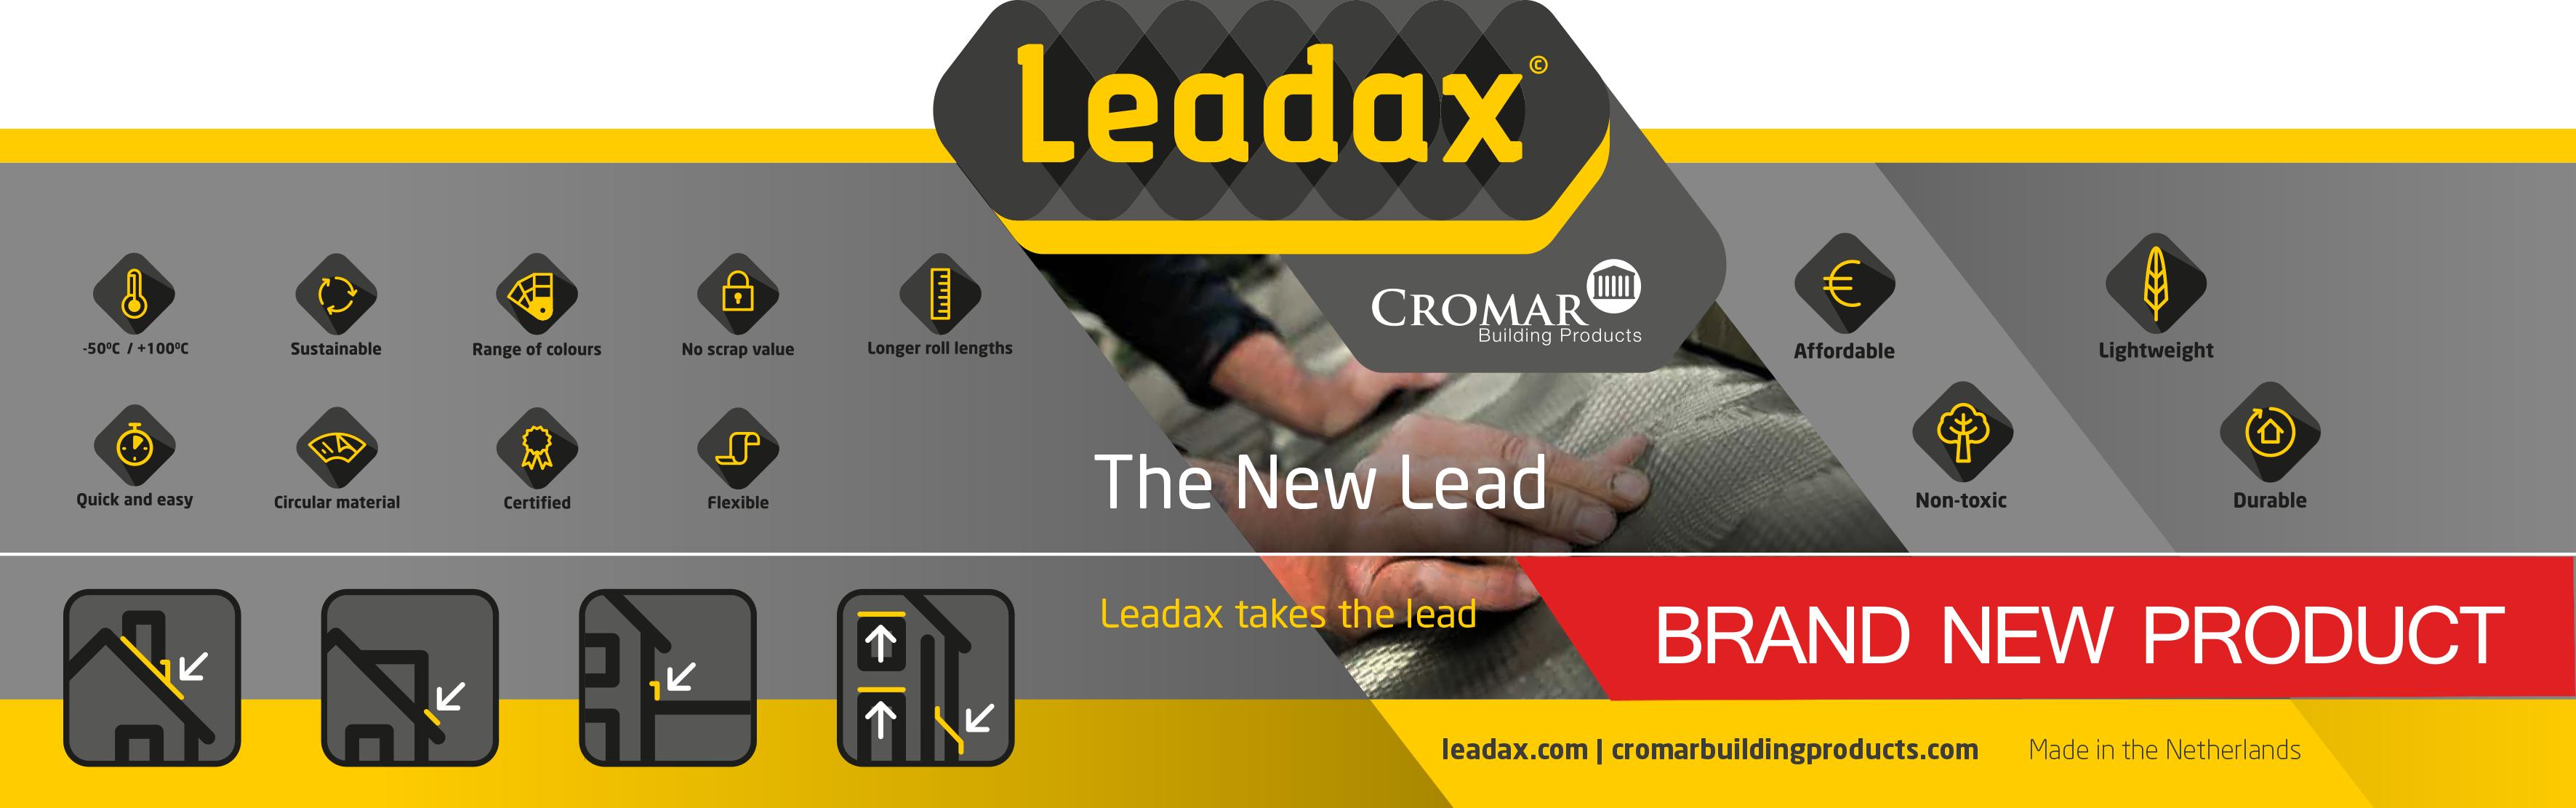 LEAD17020-Sticker-EN-Cromar-300x100-v2_2